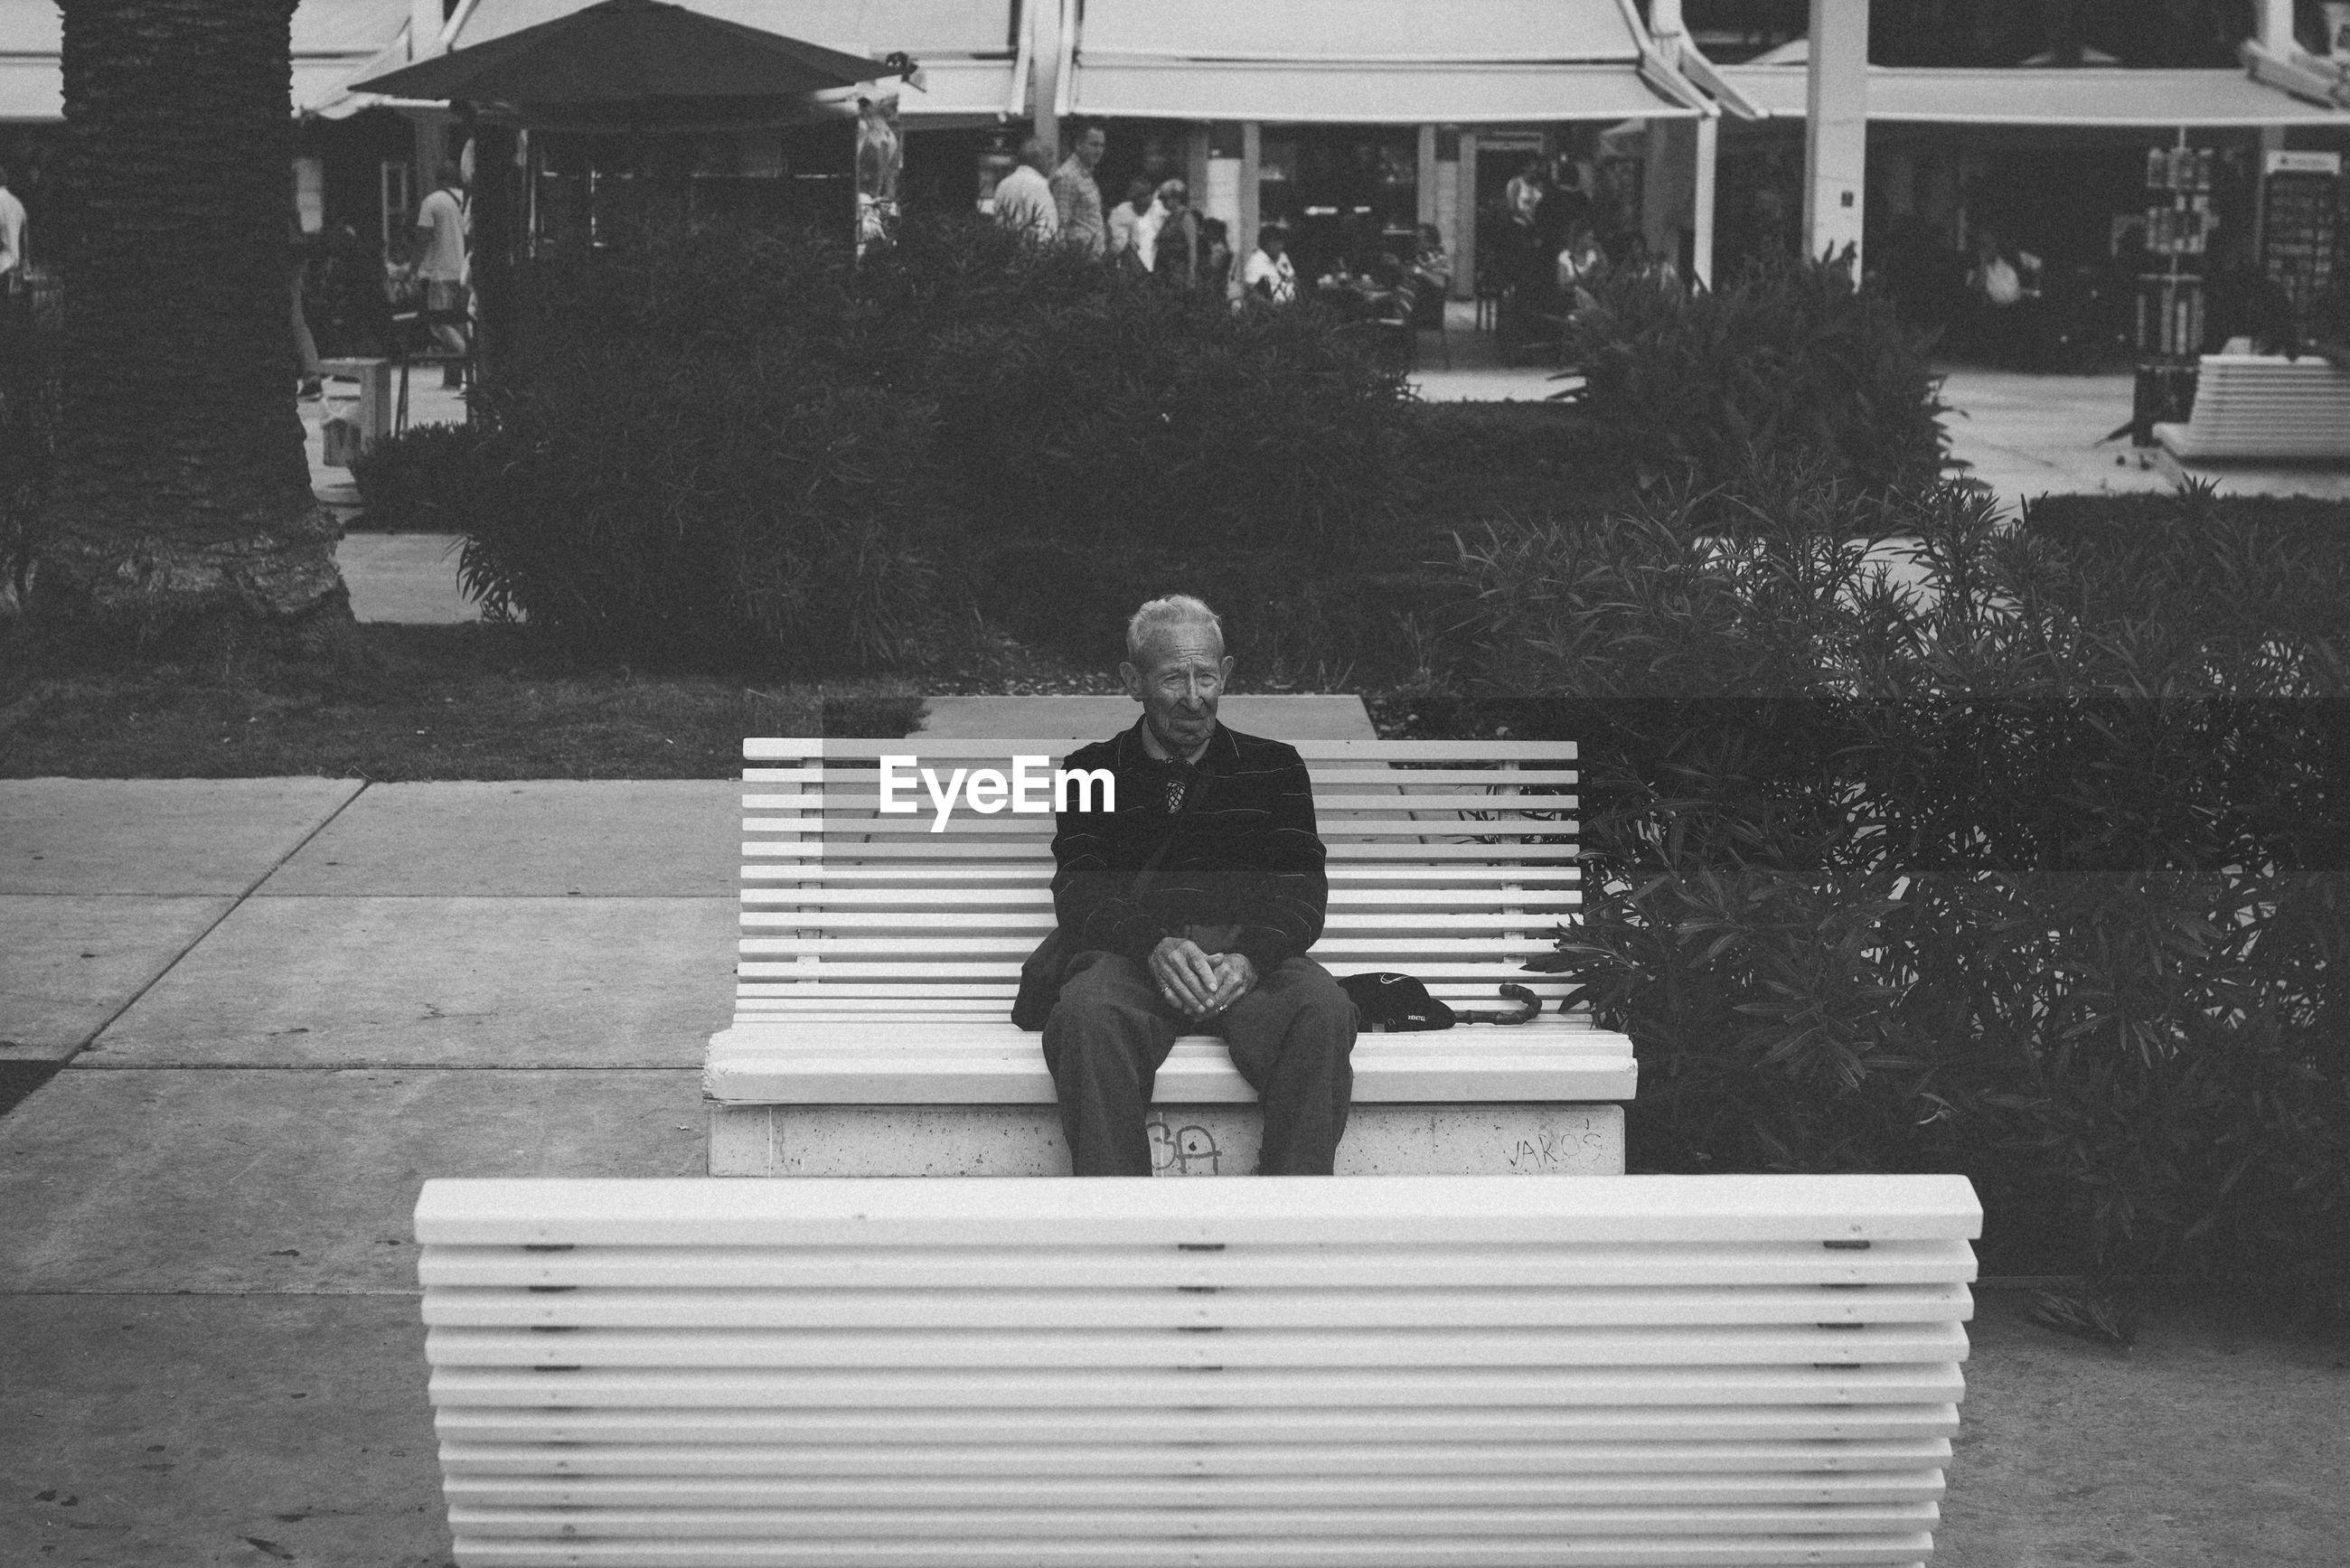 FULL LENGTH OF MAN SITTING ON COBBLESTONE